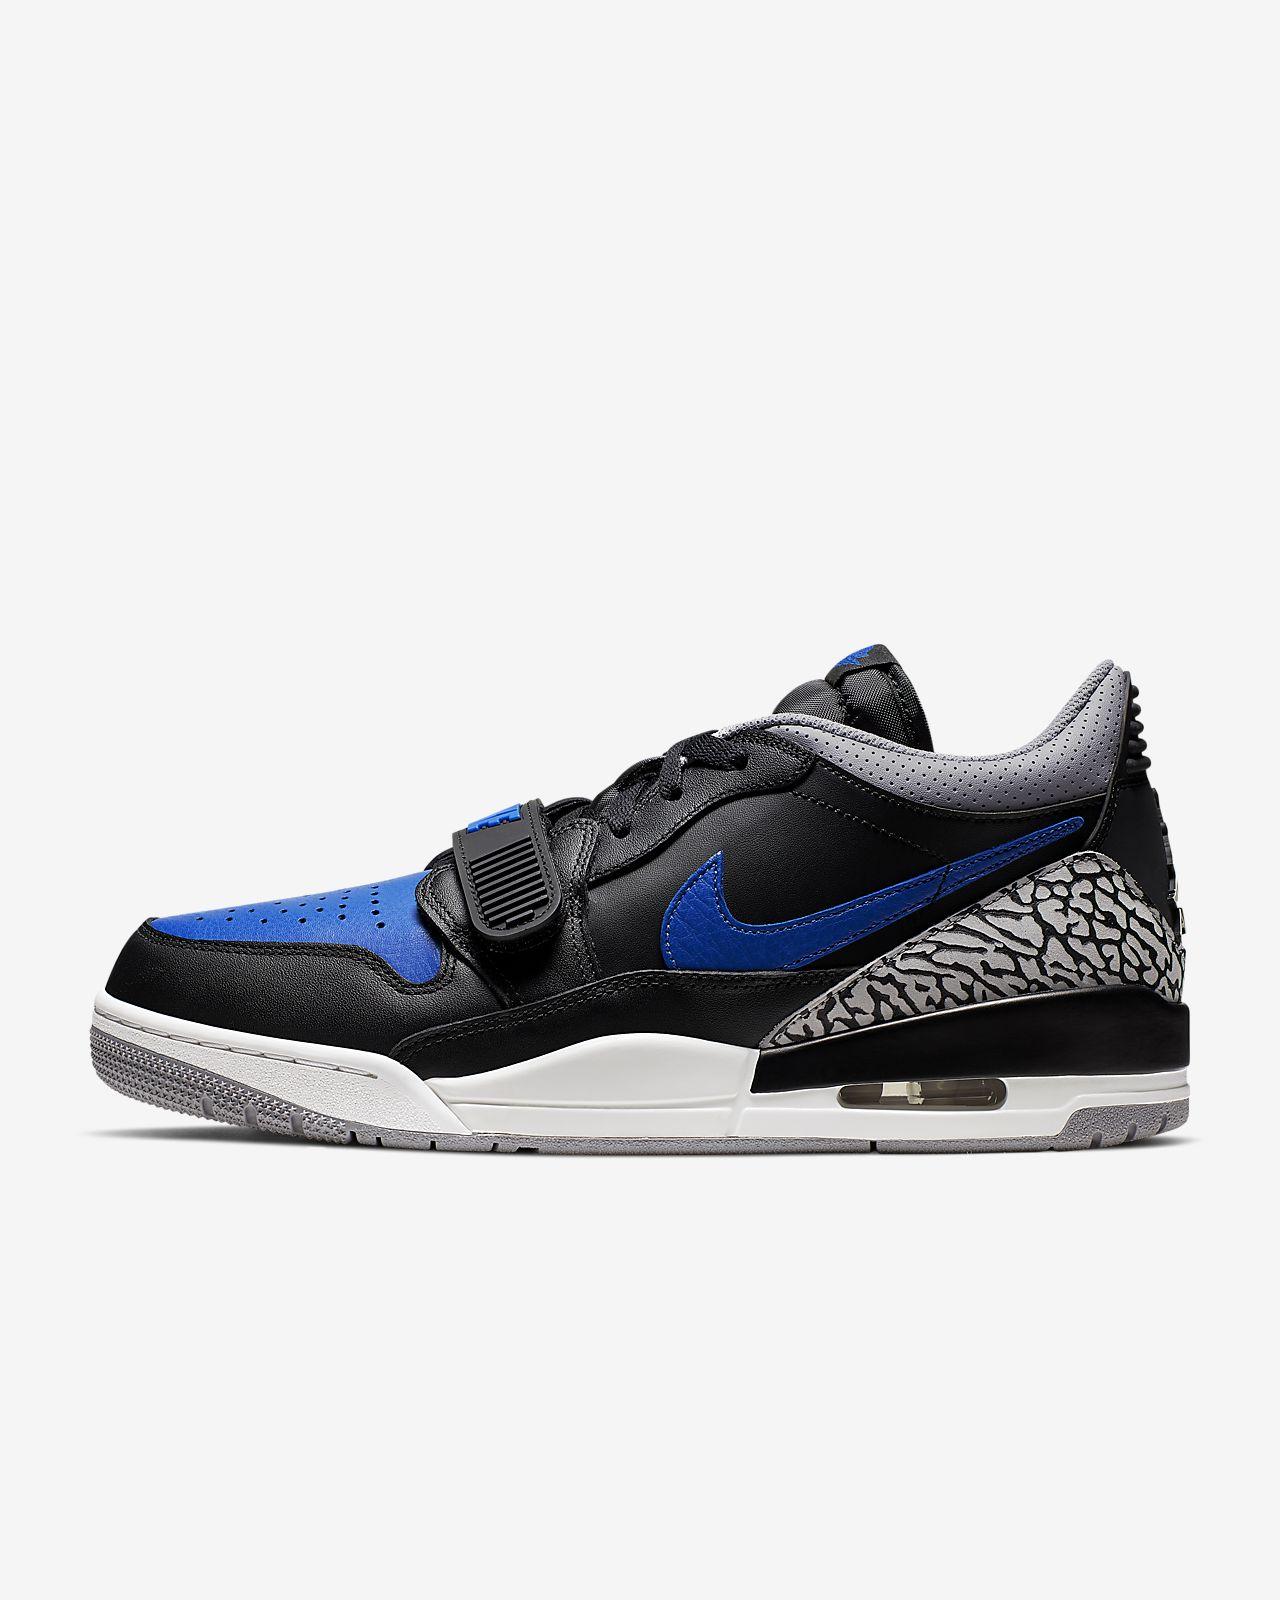 Air Jordan Legacy 312 Low 男鞋